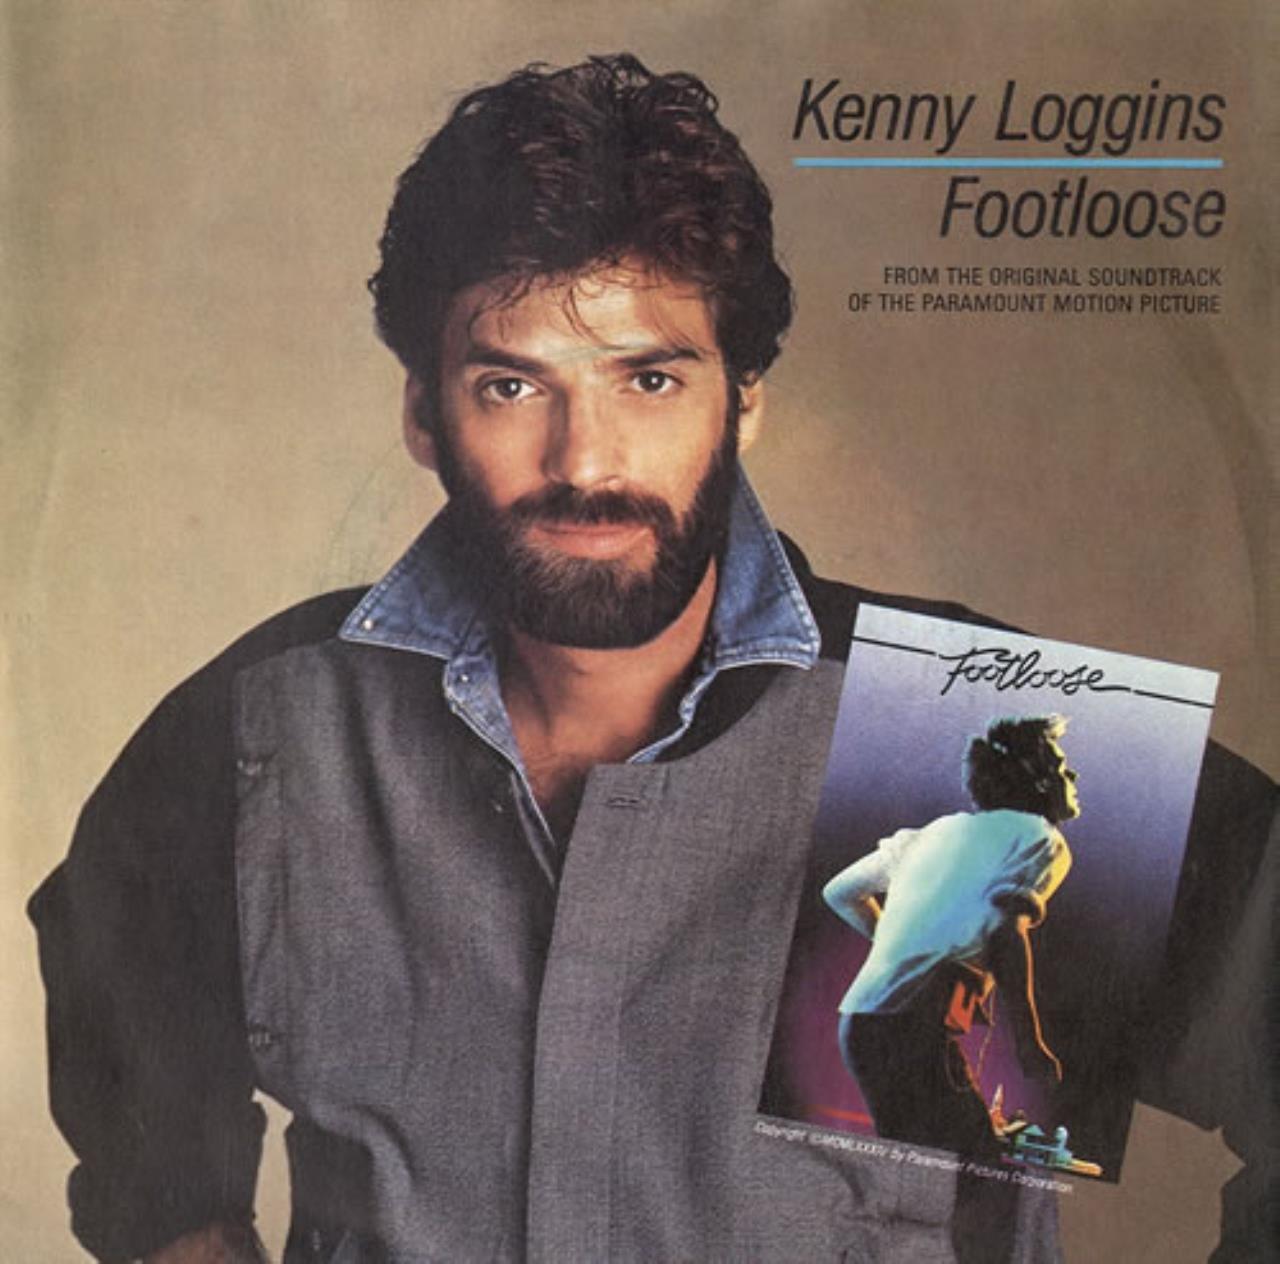 Kenny Loggins - Footloose mp3 download